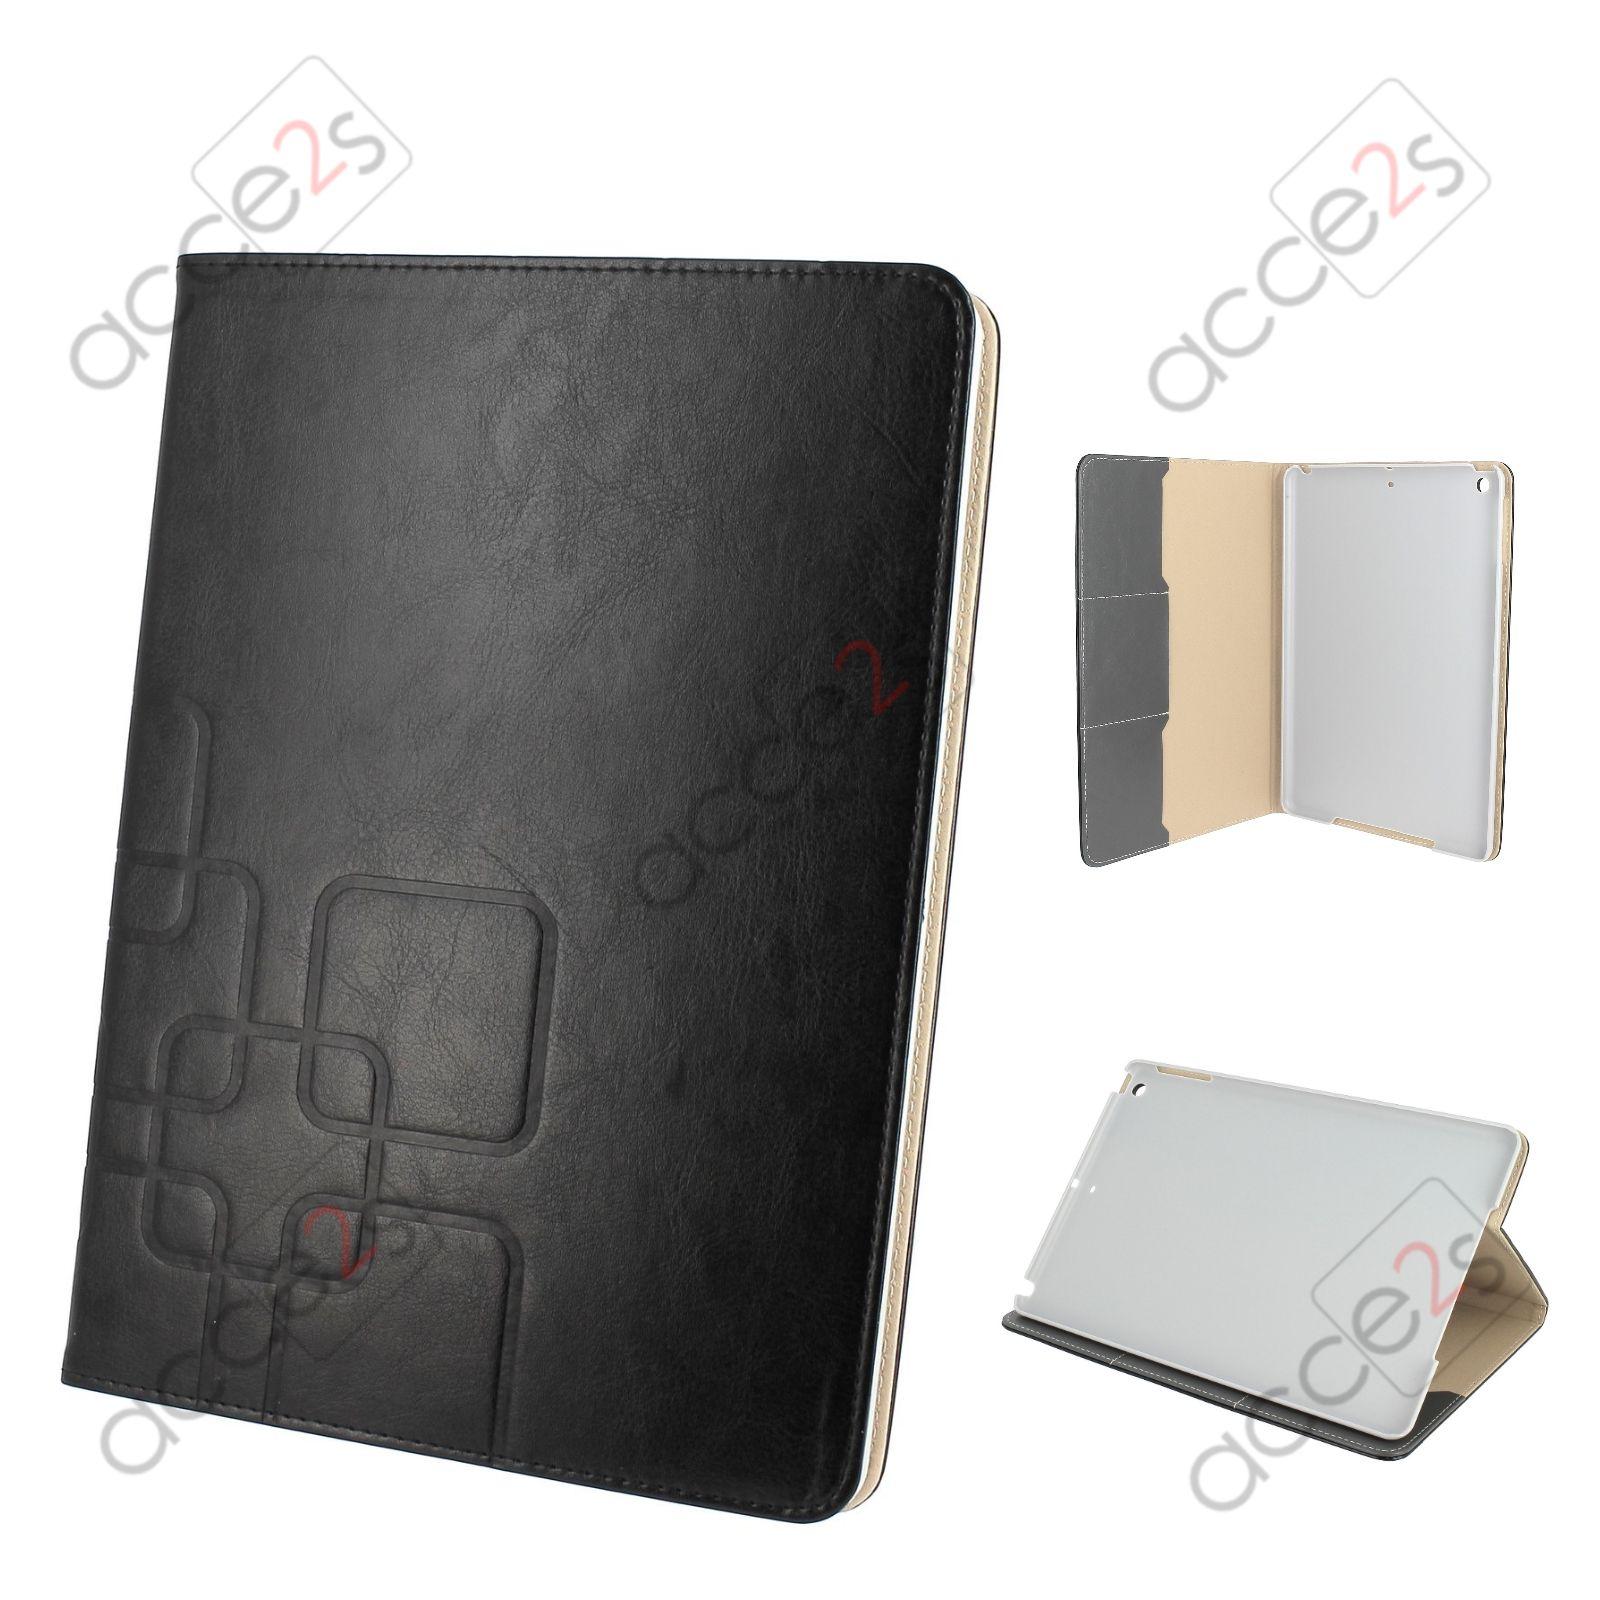 housse etui pour apple tablette ipad air aspect cuir noir. Black Bedroom Furniture Sets. Home Design Ideas